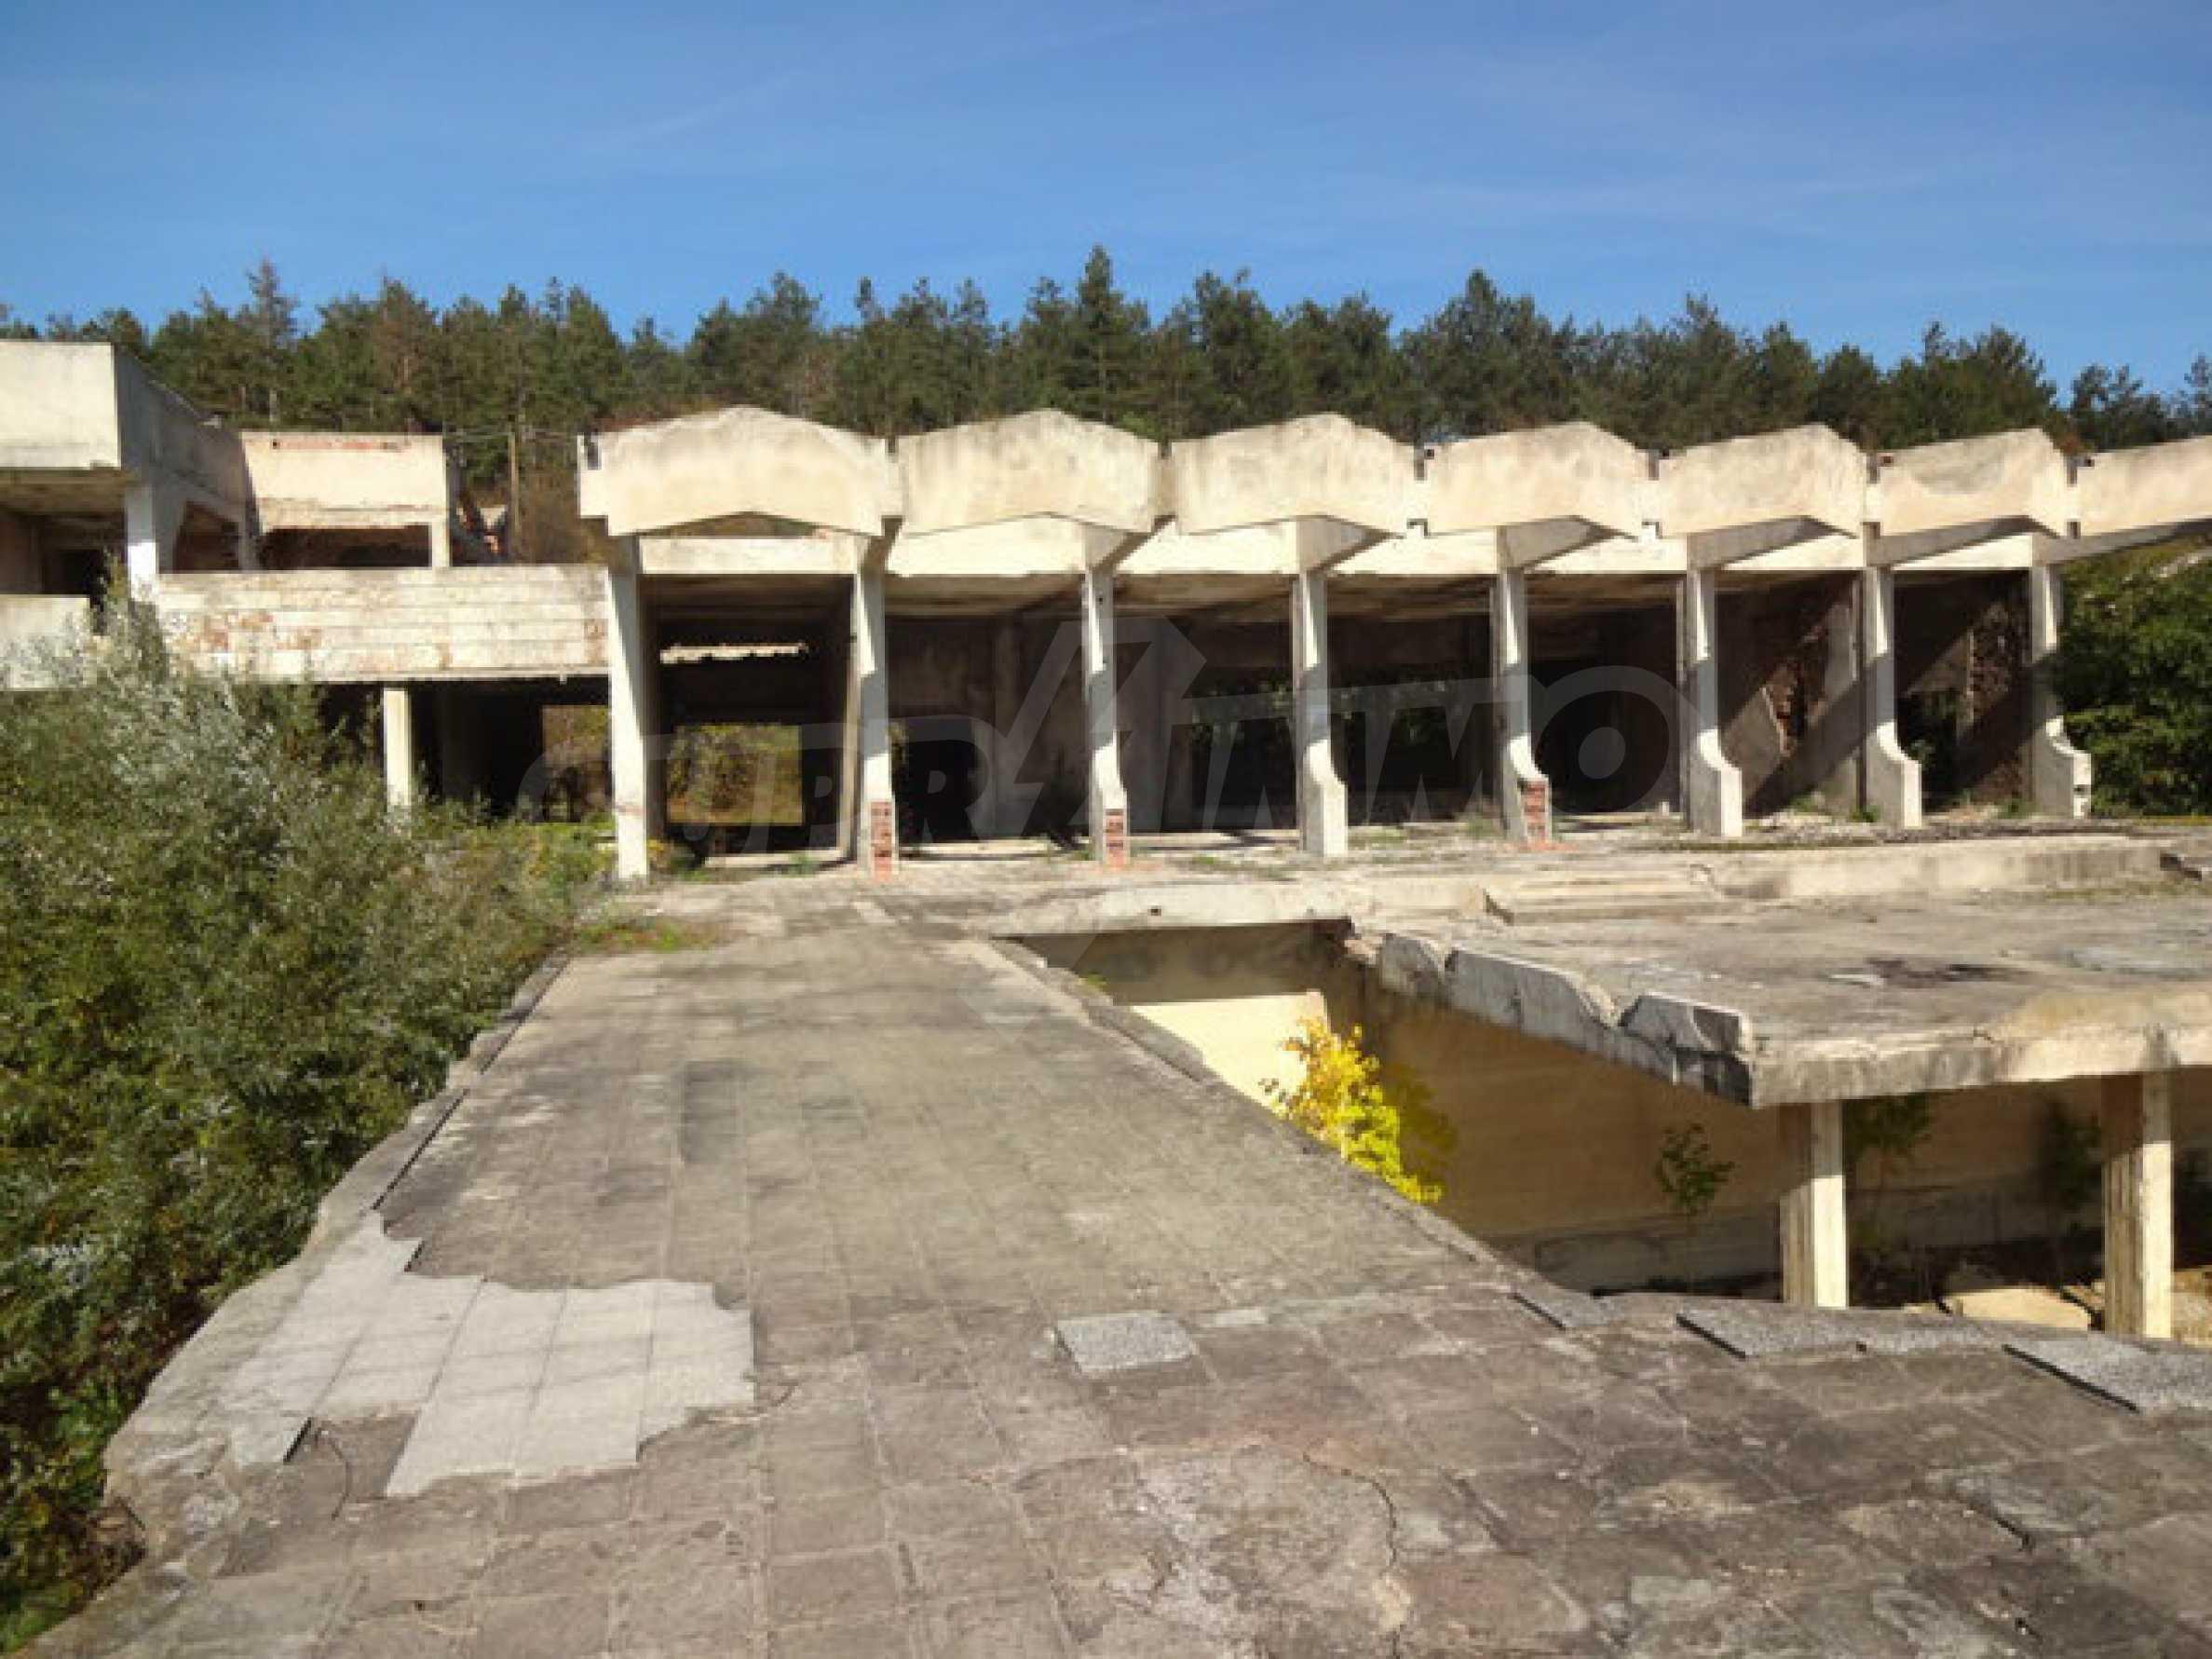 Продажа отеля/комплекса вблизи г. Велико Тырново 45